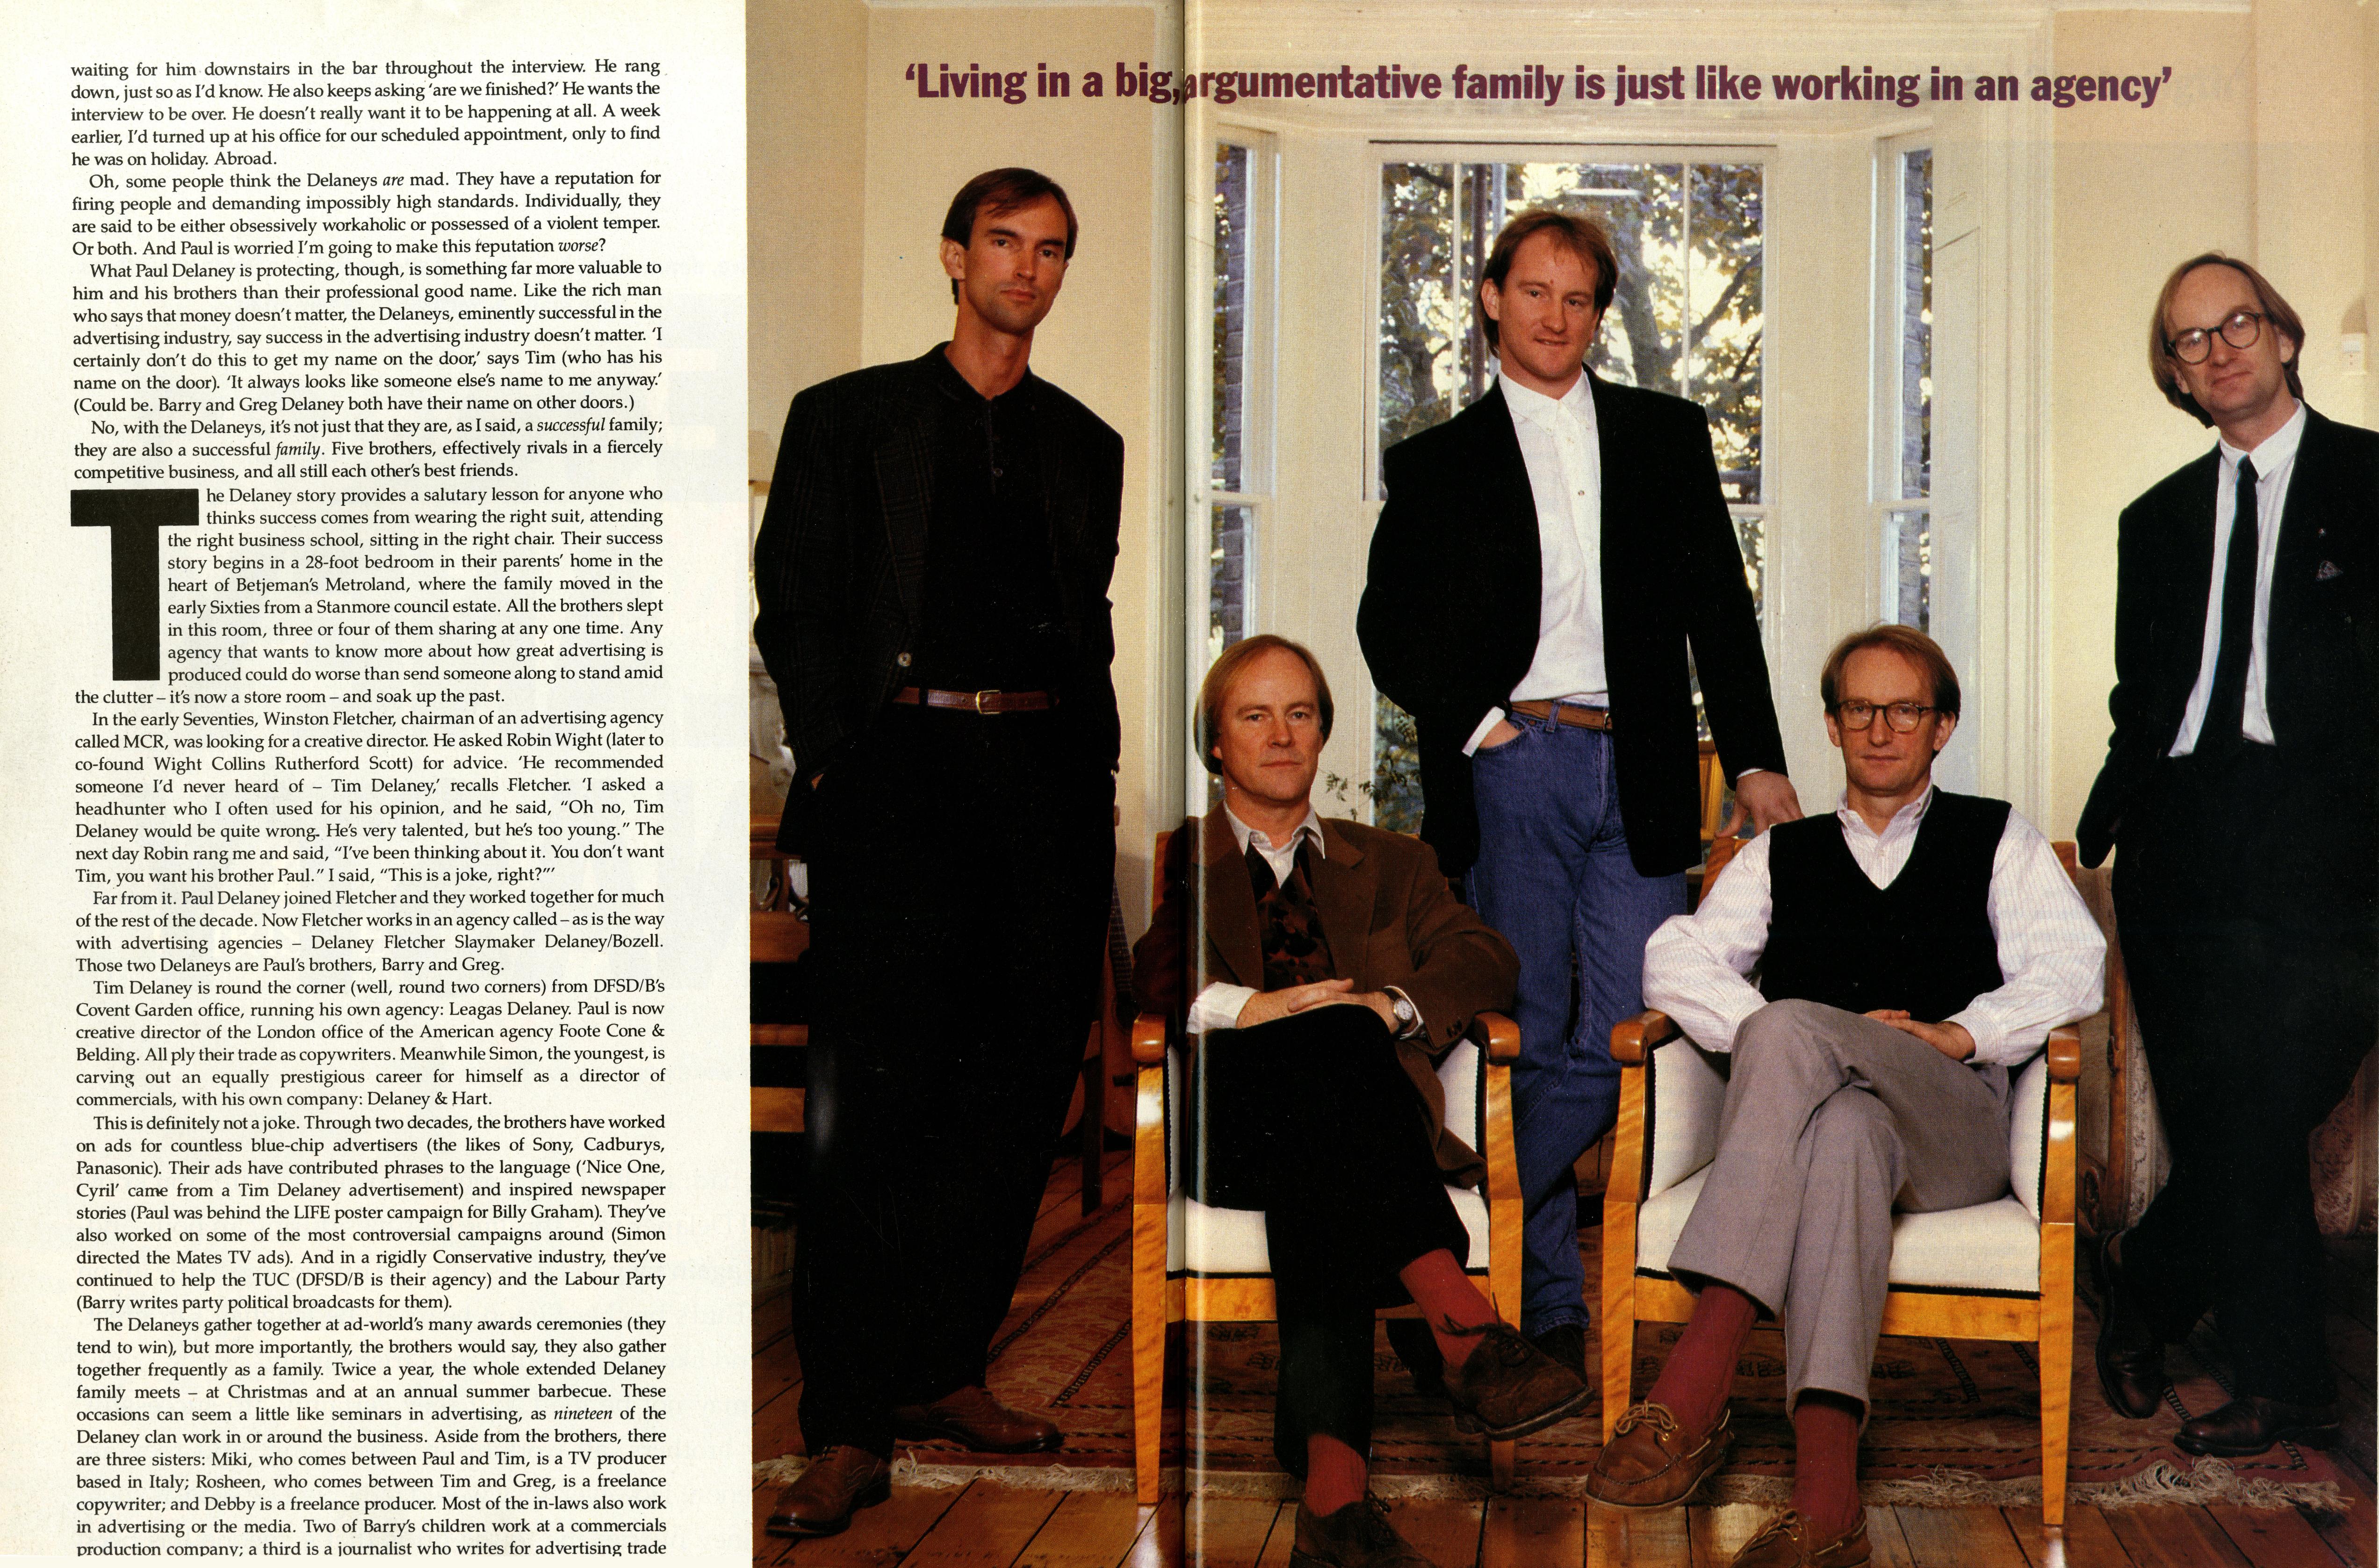 Tim Delaney, GQ article 'The Delaney's'-01